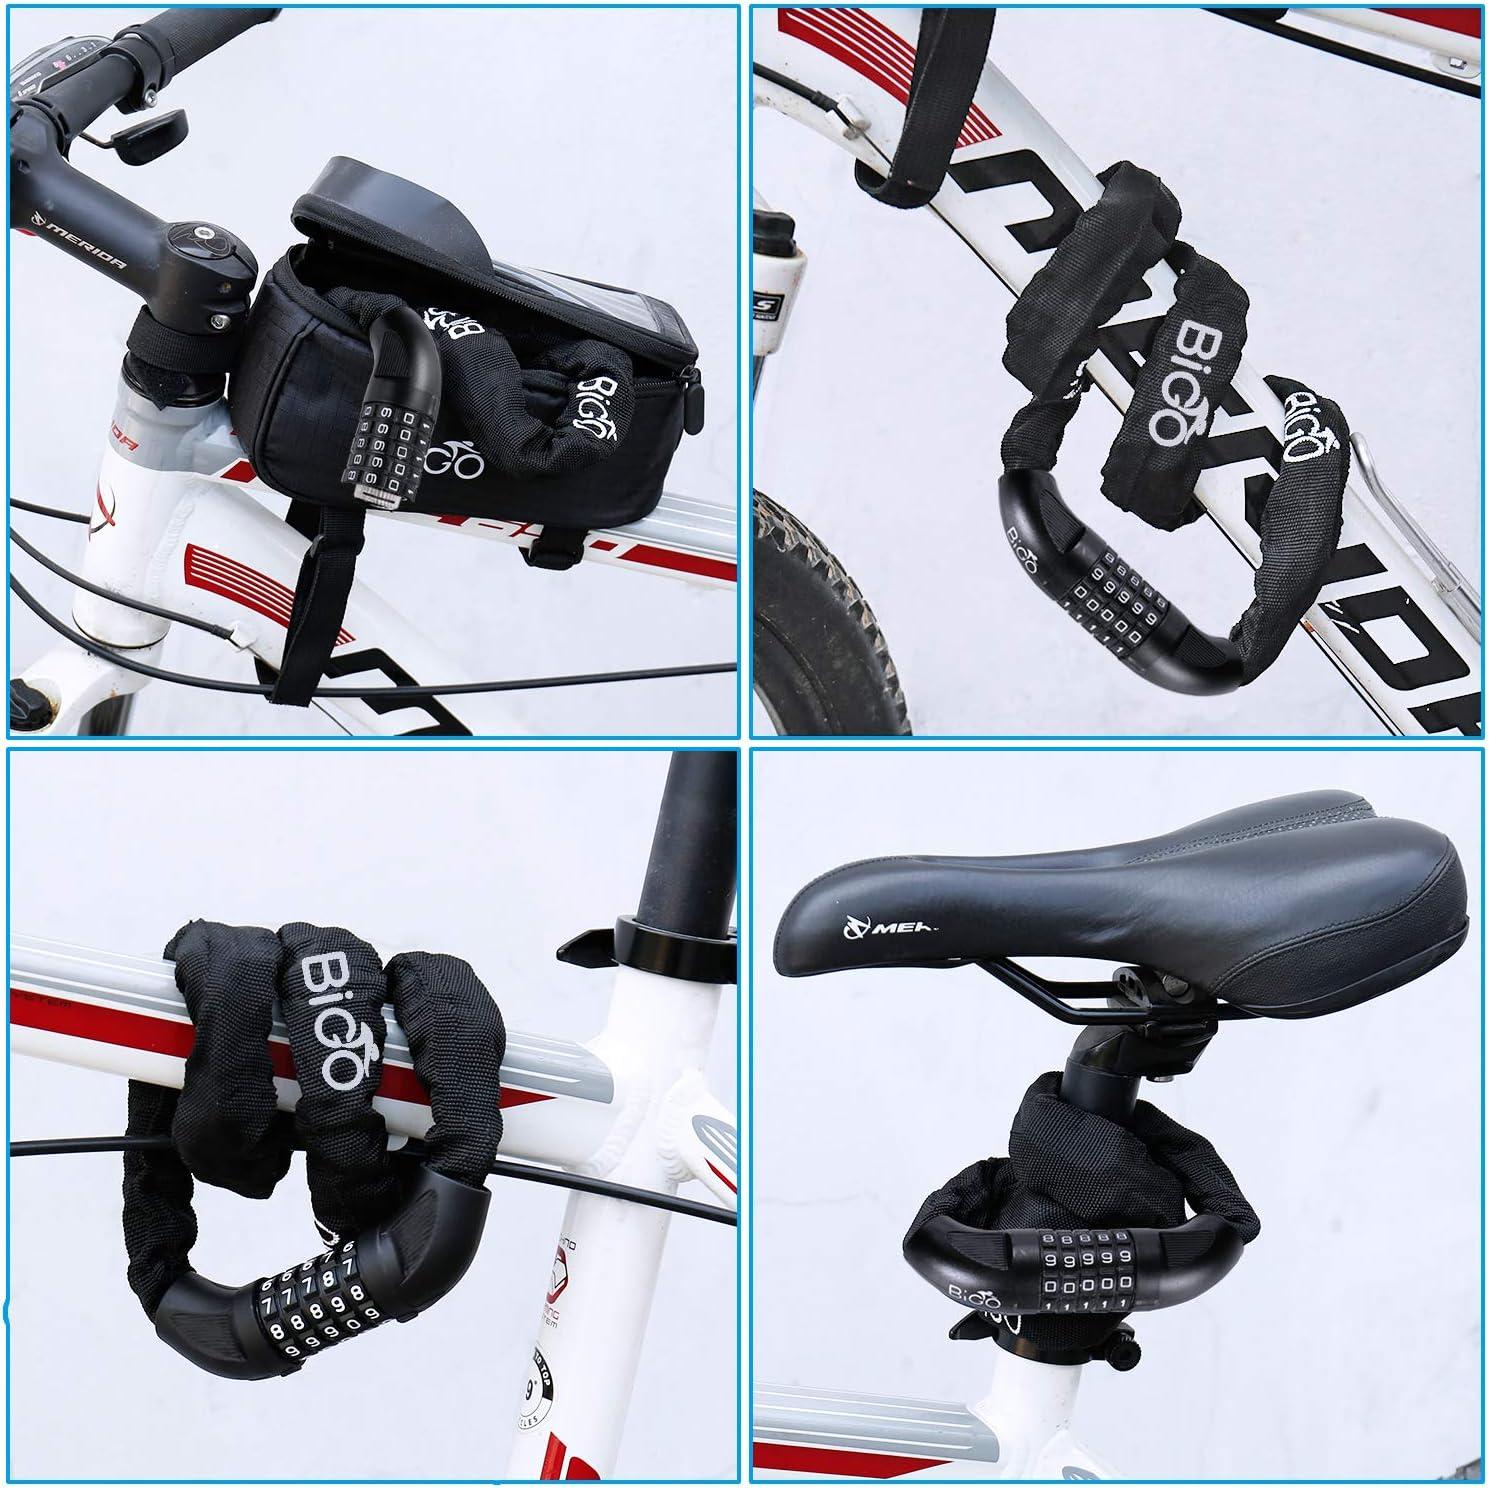 BIGO Candado de Bicicleta Seguridad Candado de Cadena Mejor Combinaci/ón Cable de Bloqueo antirrobo Alta Seguridad 100cm para la Bicicleta al Aire Libre-Negro